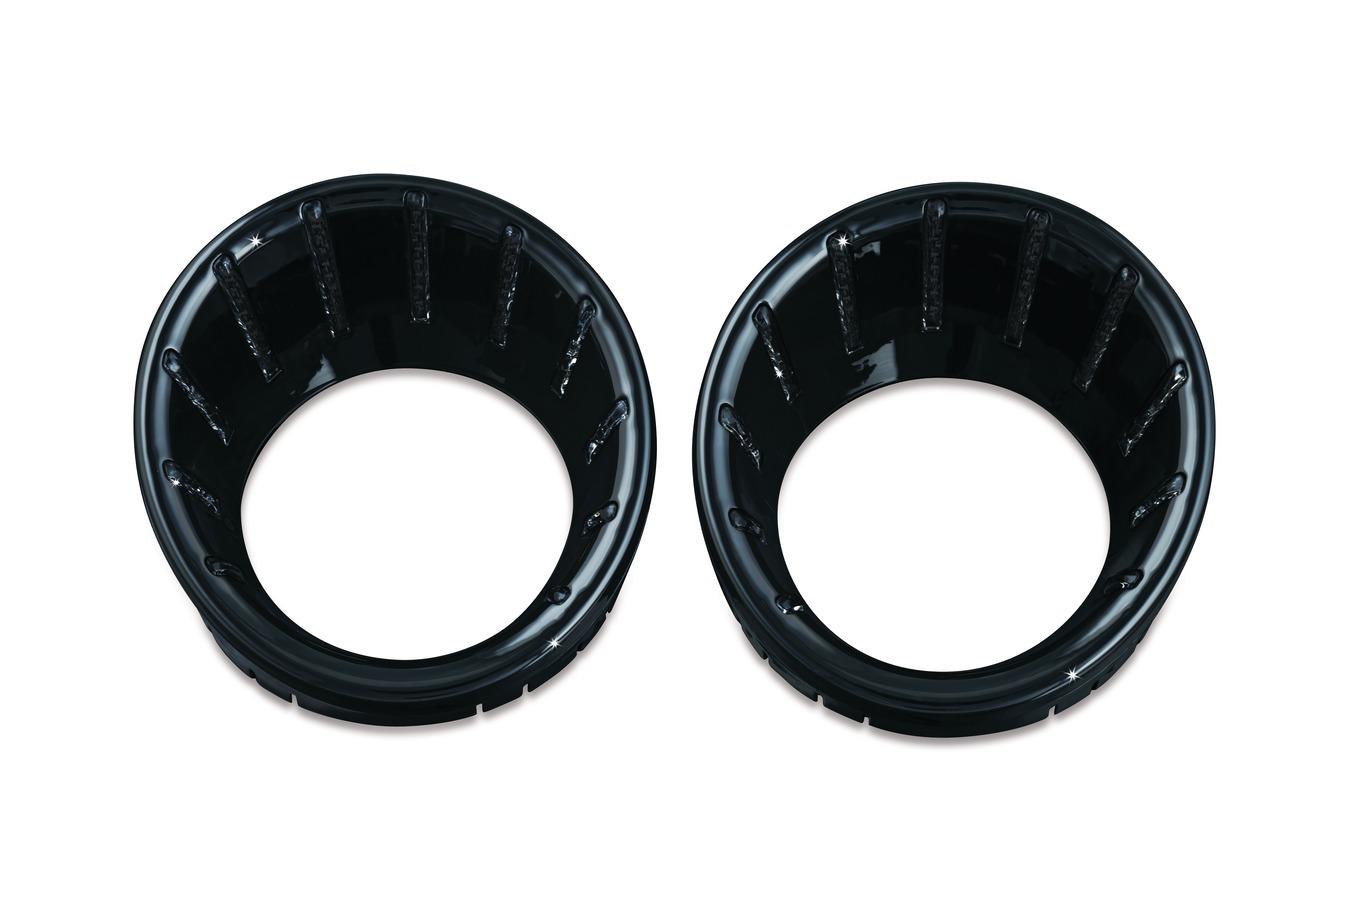 Speedo /& Tach Bezels Gloss Black Kuryakyn 7288 L.E.D